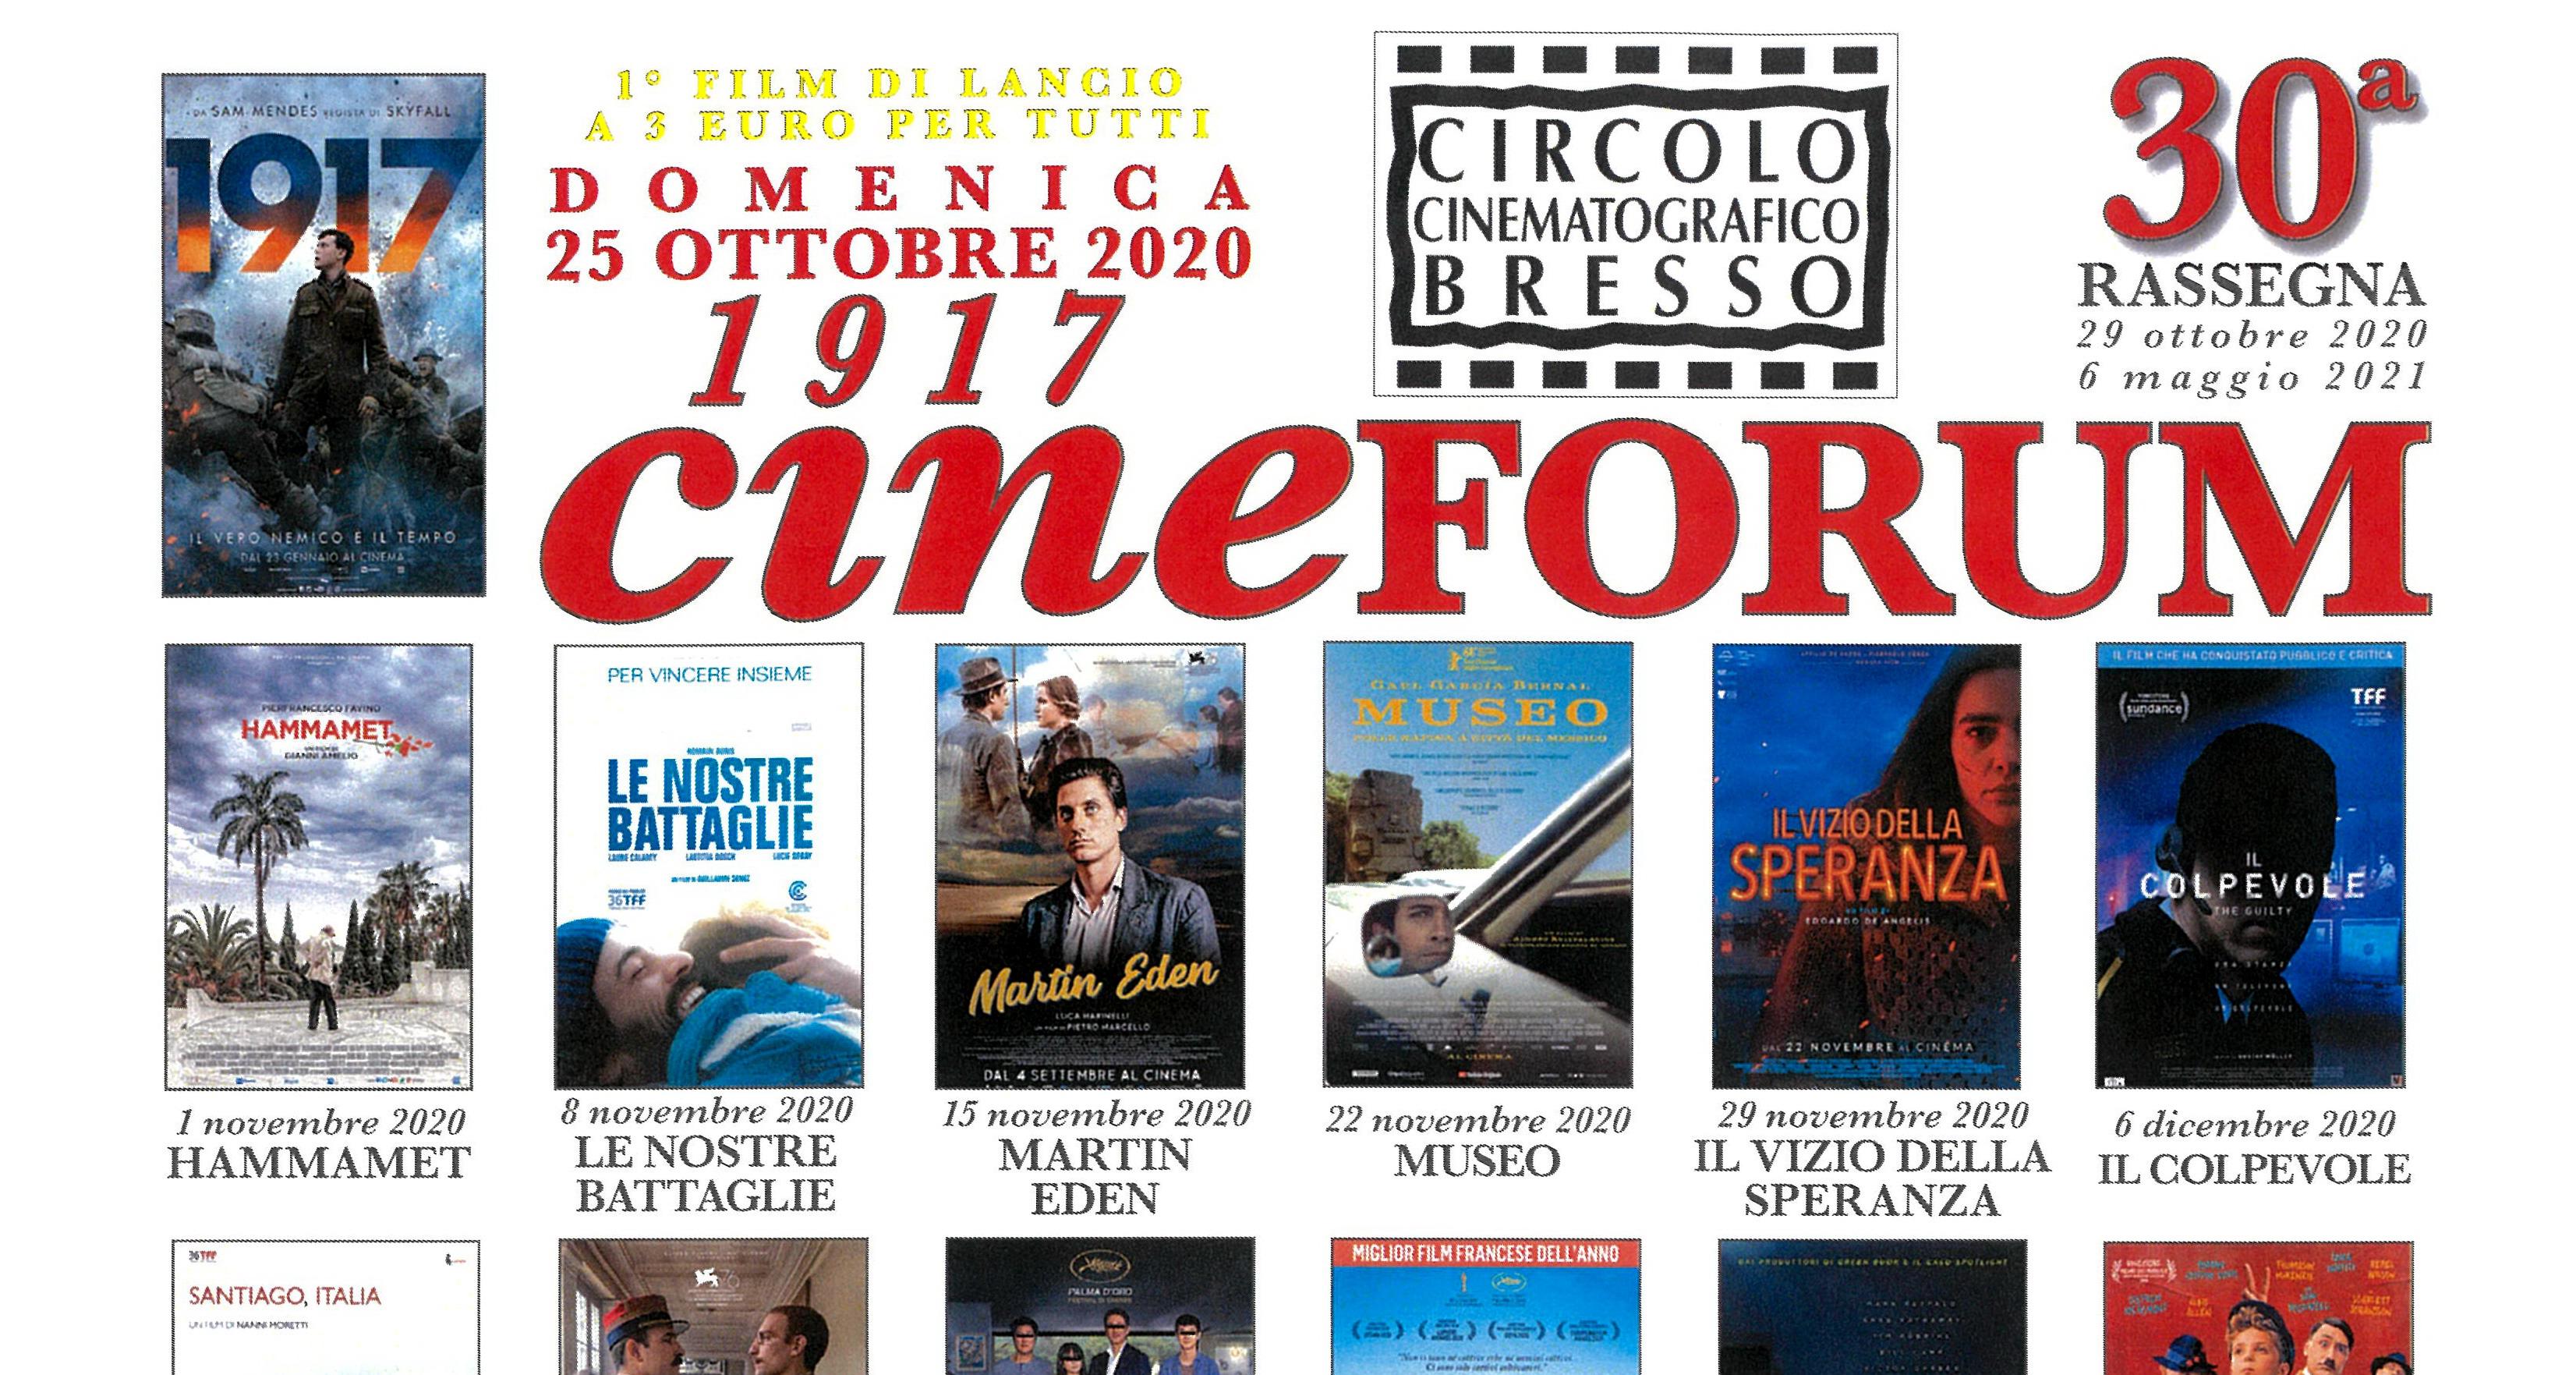 Cinef Bresso 2019-2020 DOMENICA lancio